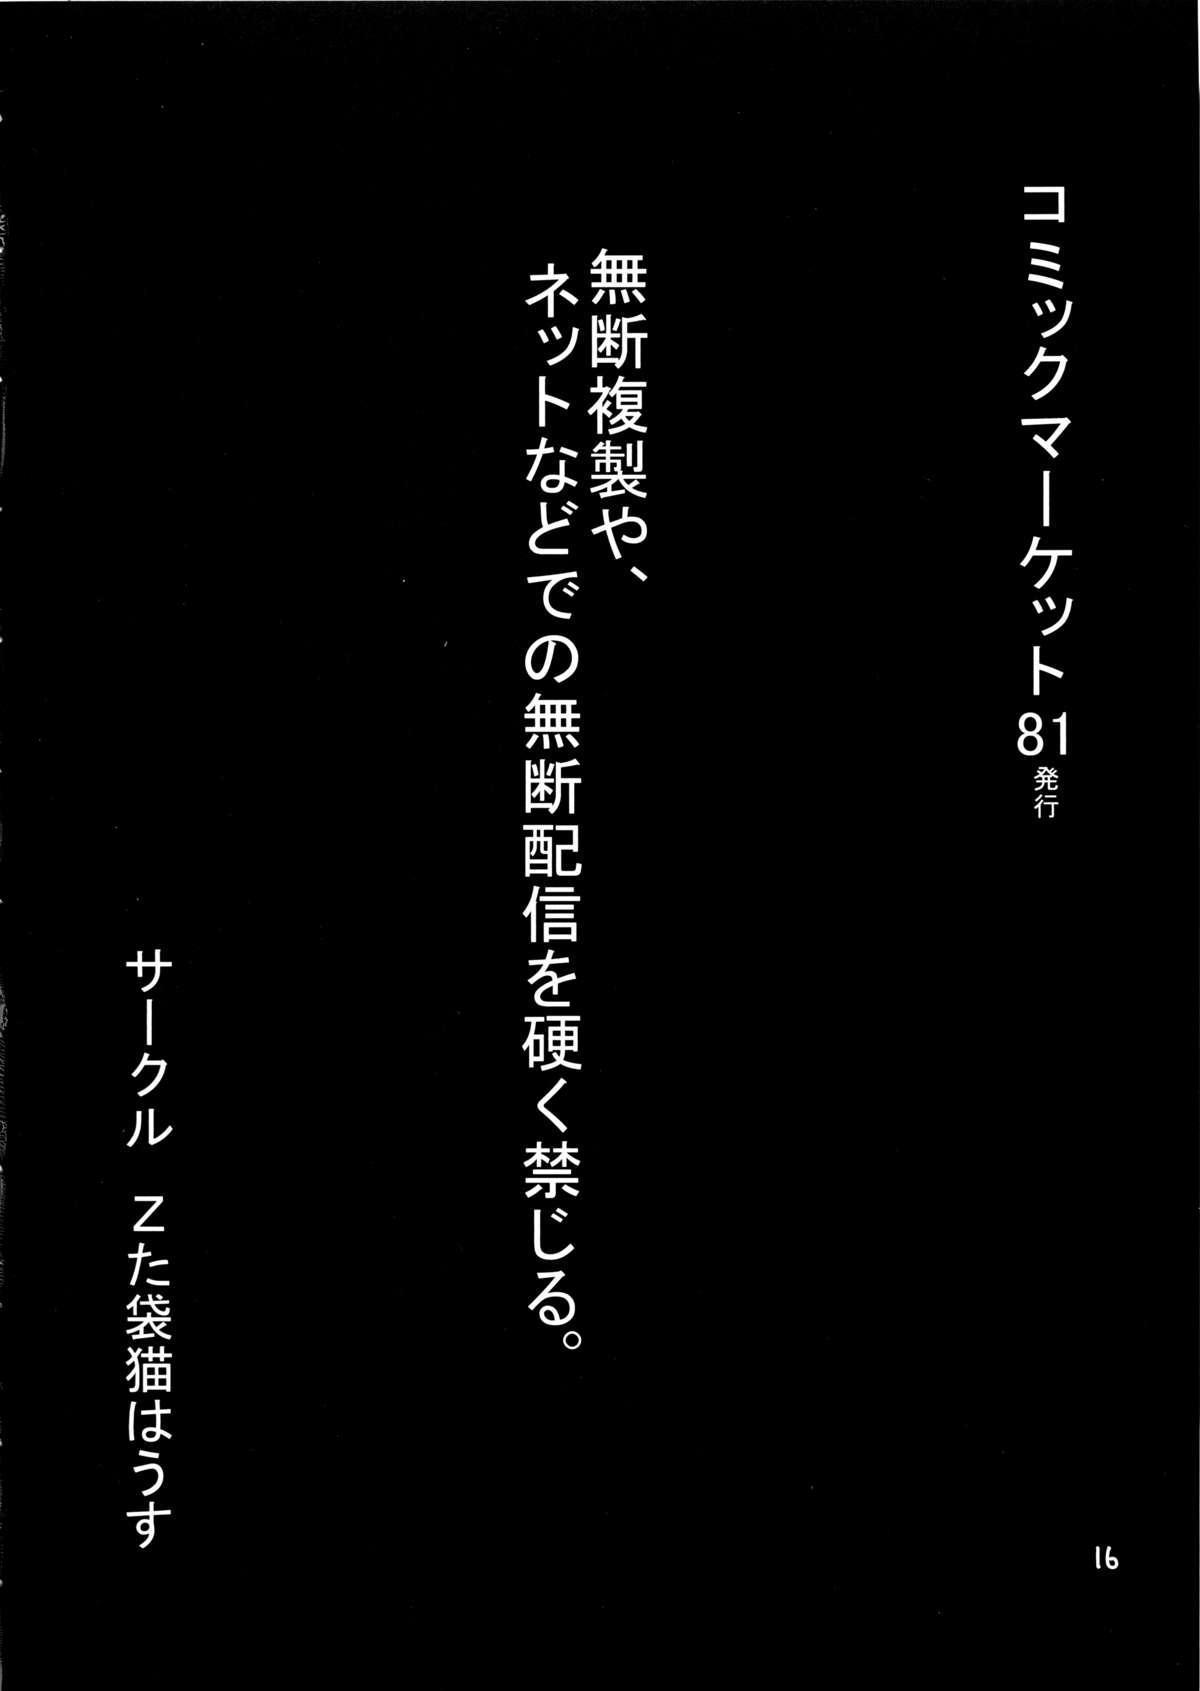 Gekidan Kotori Dyueru Doori 16